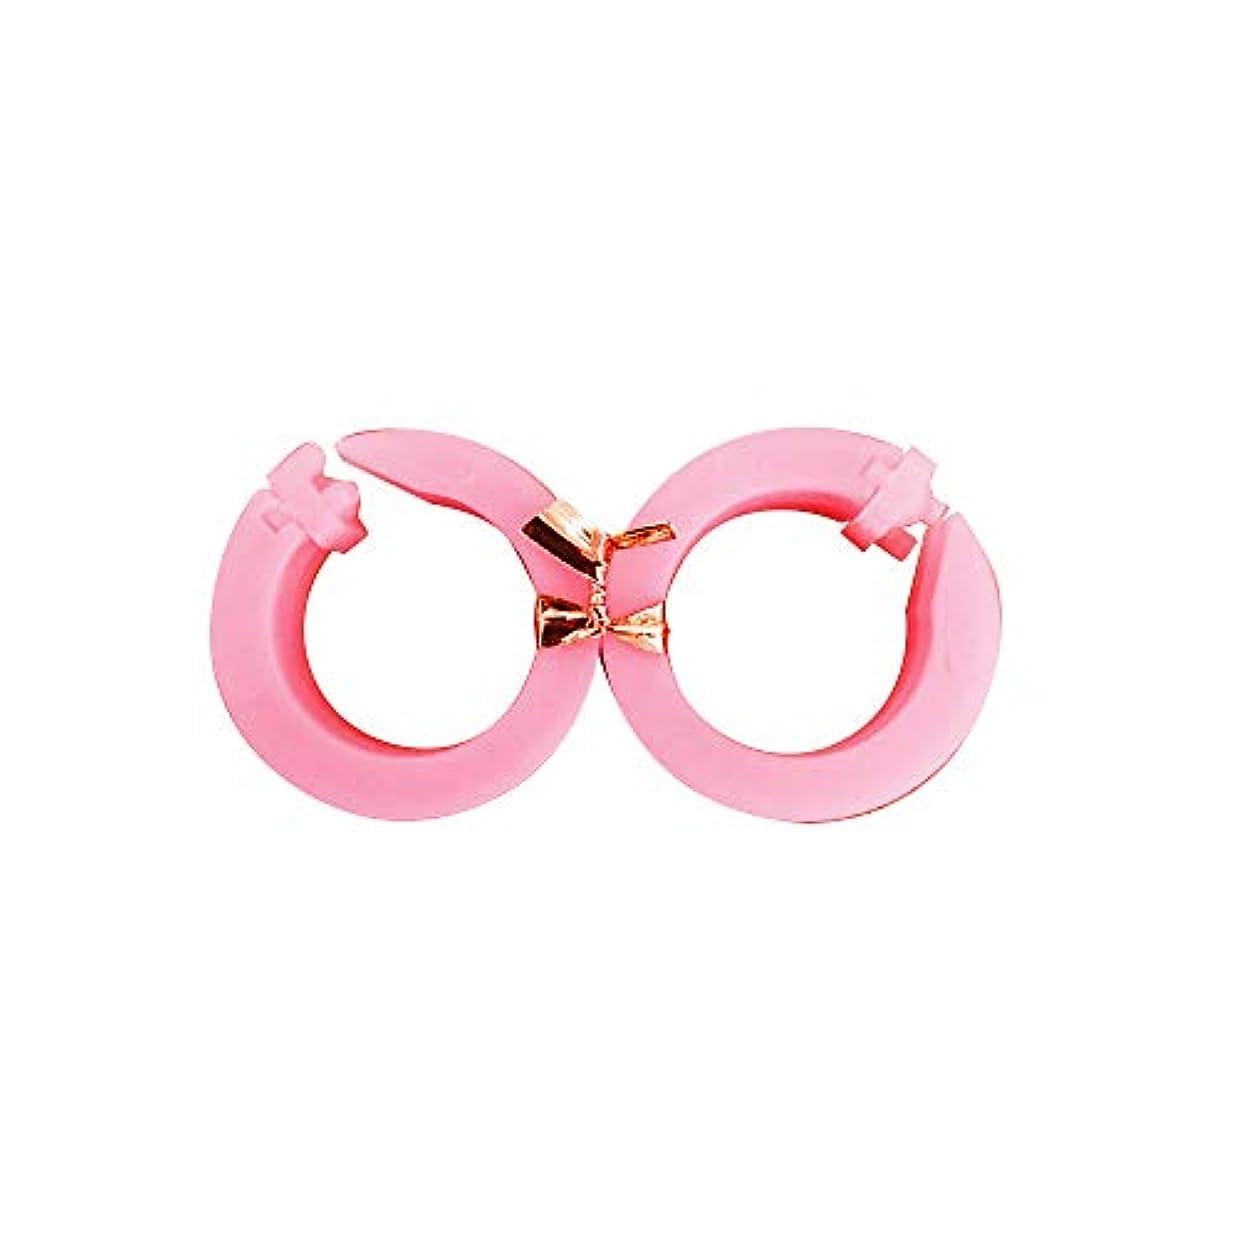 見物人バイオリン不当【サフランフィールド】 耳つぼ ダイエットリング 耳つぼ美人 ピンク